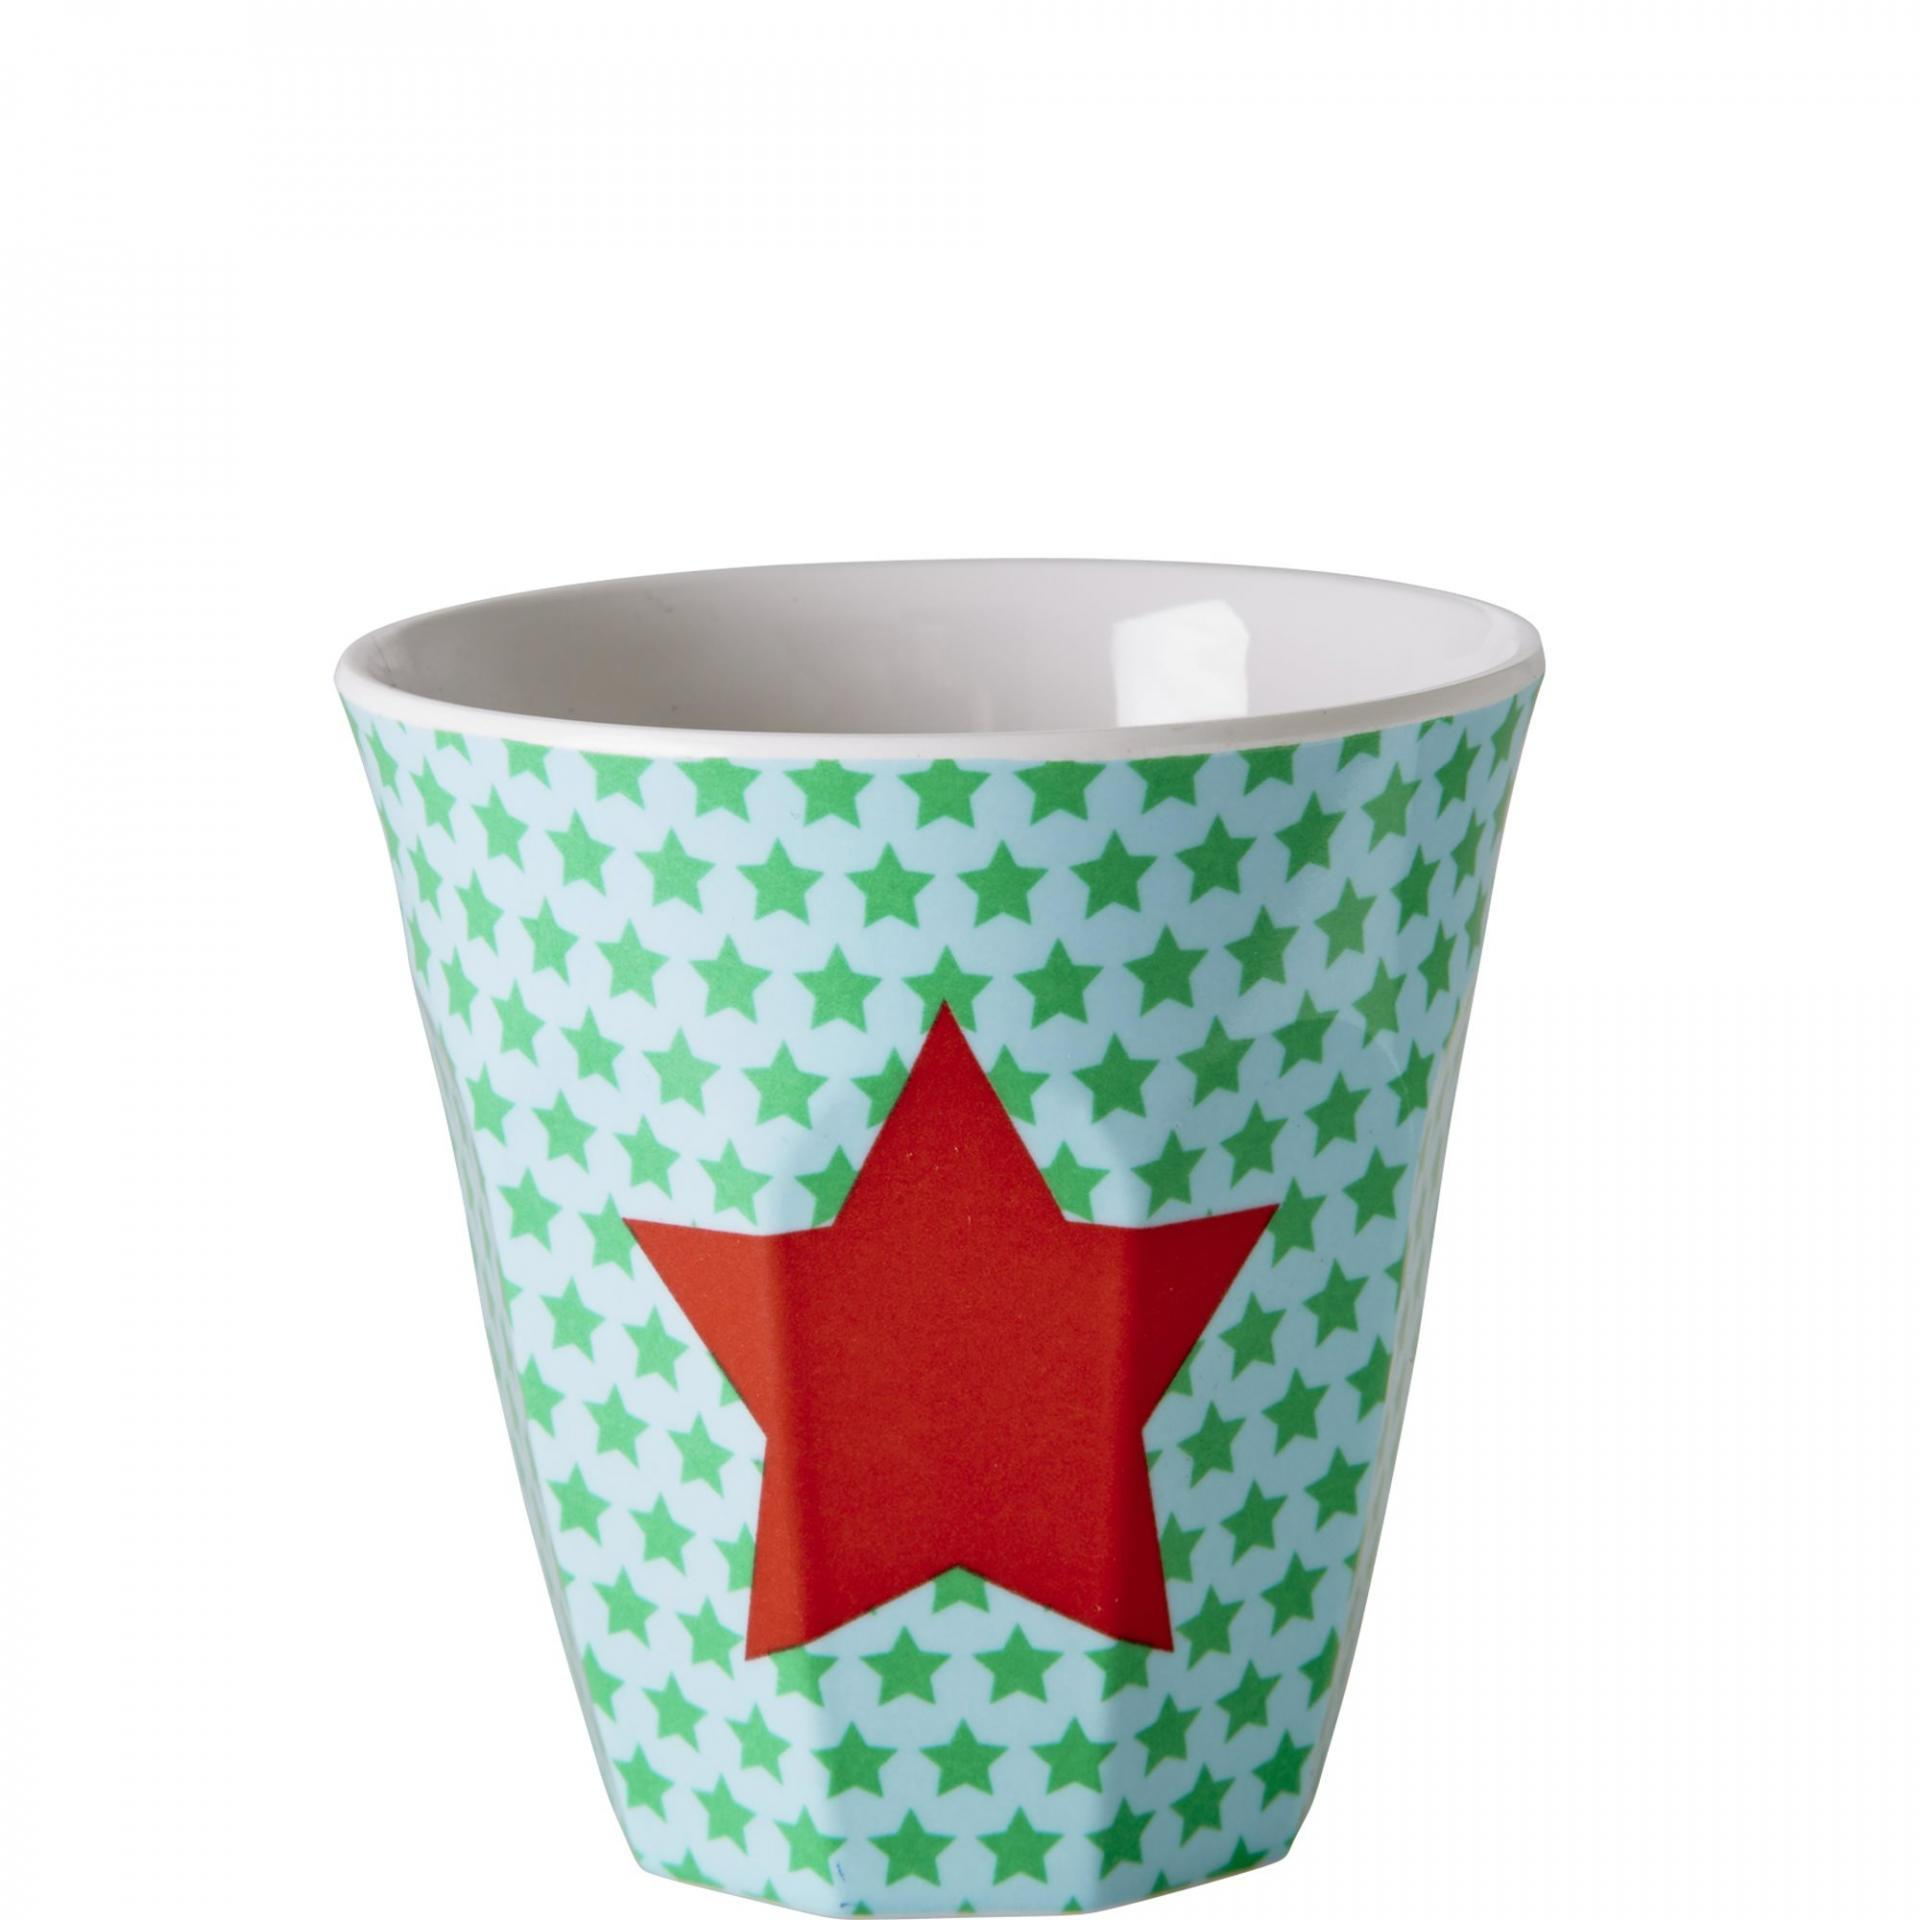 rice Melaminový pohárek Star, červená barva, zelená barva, plast